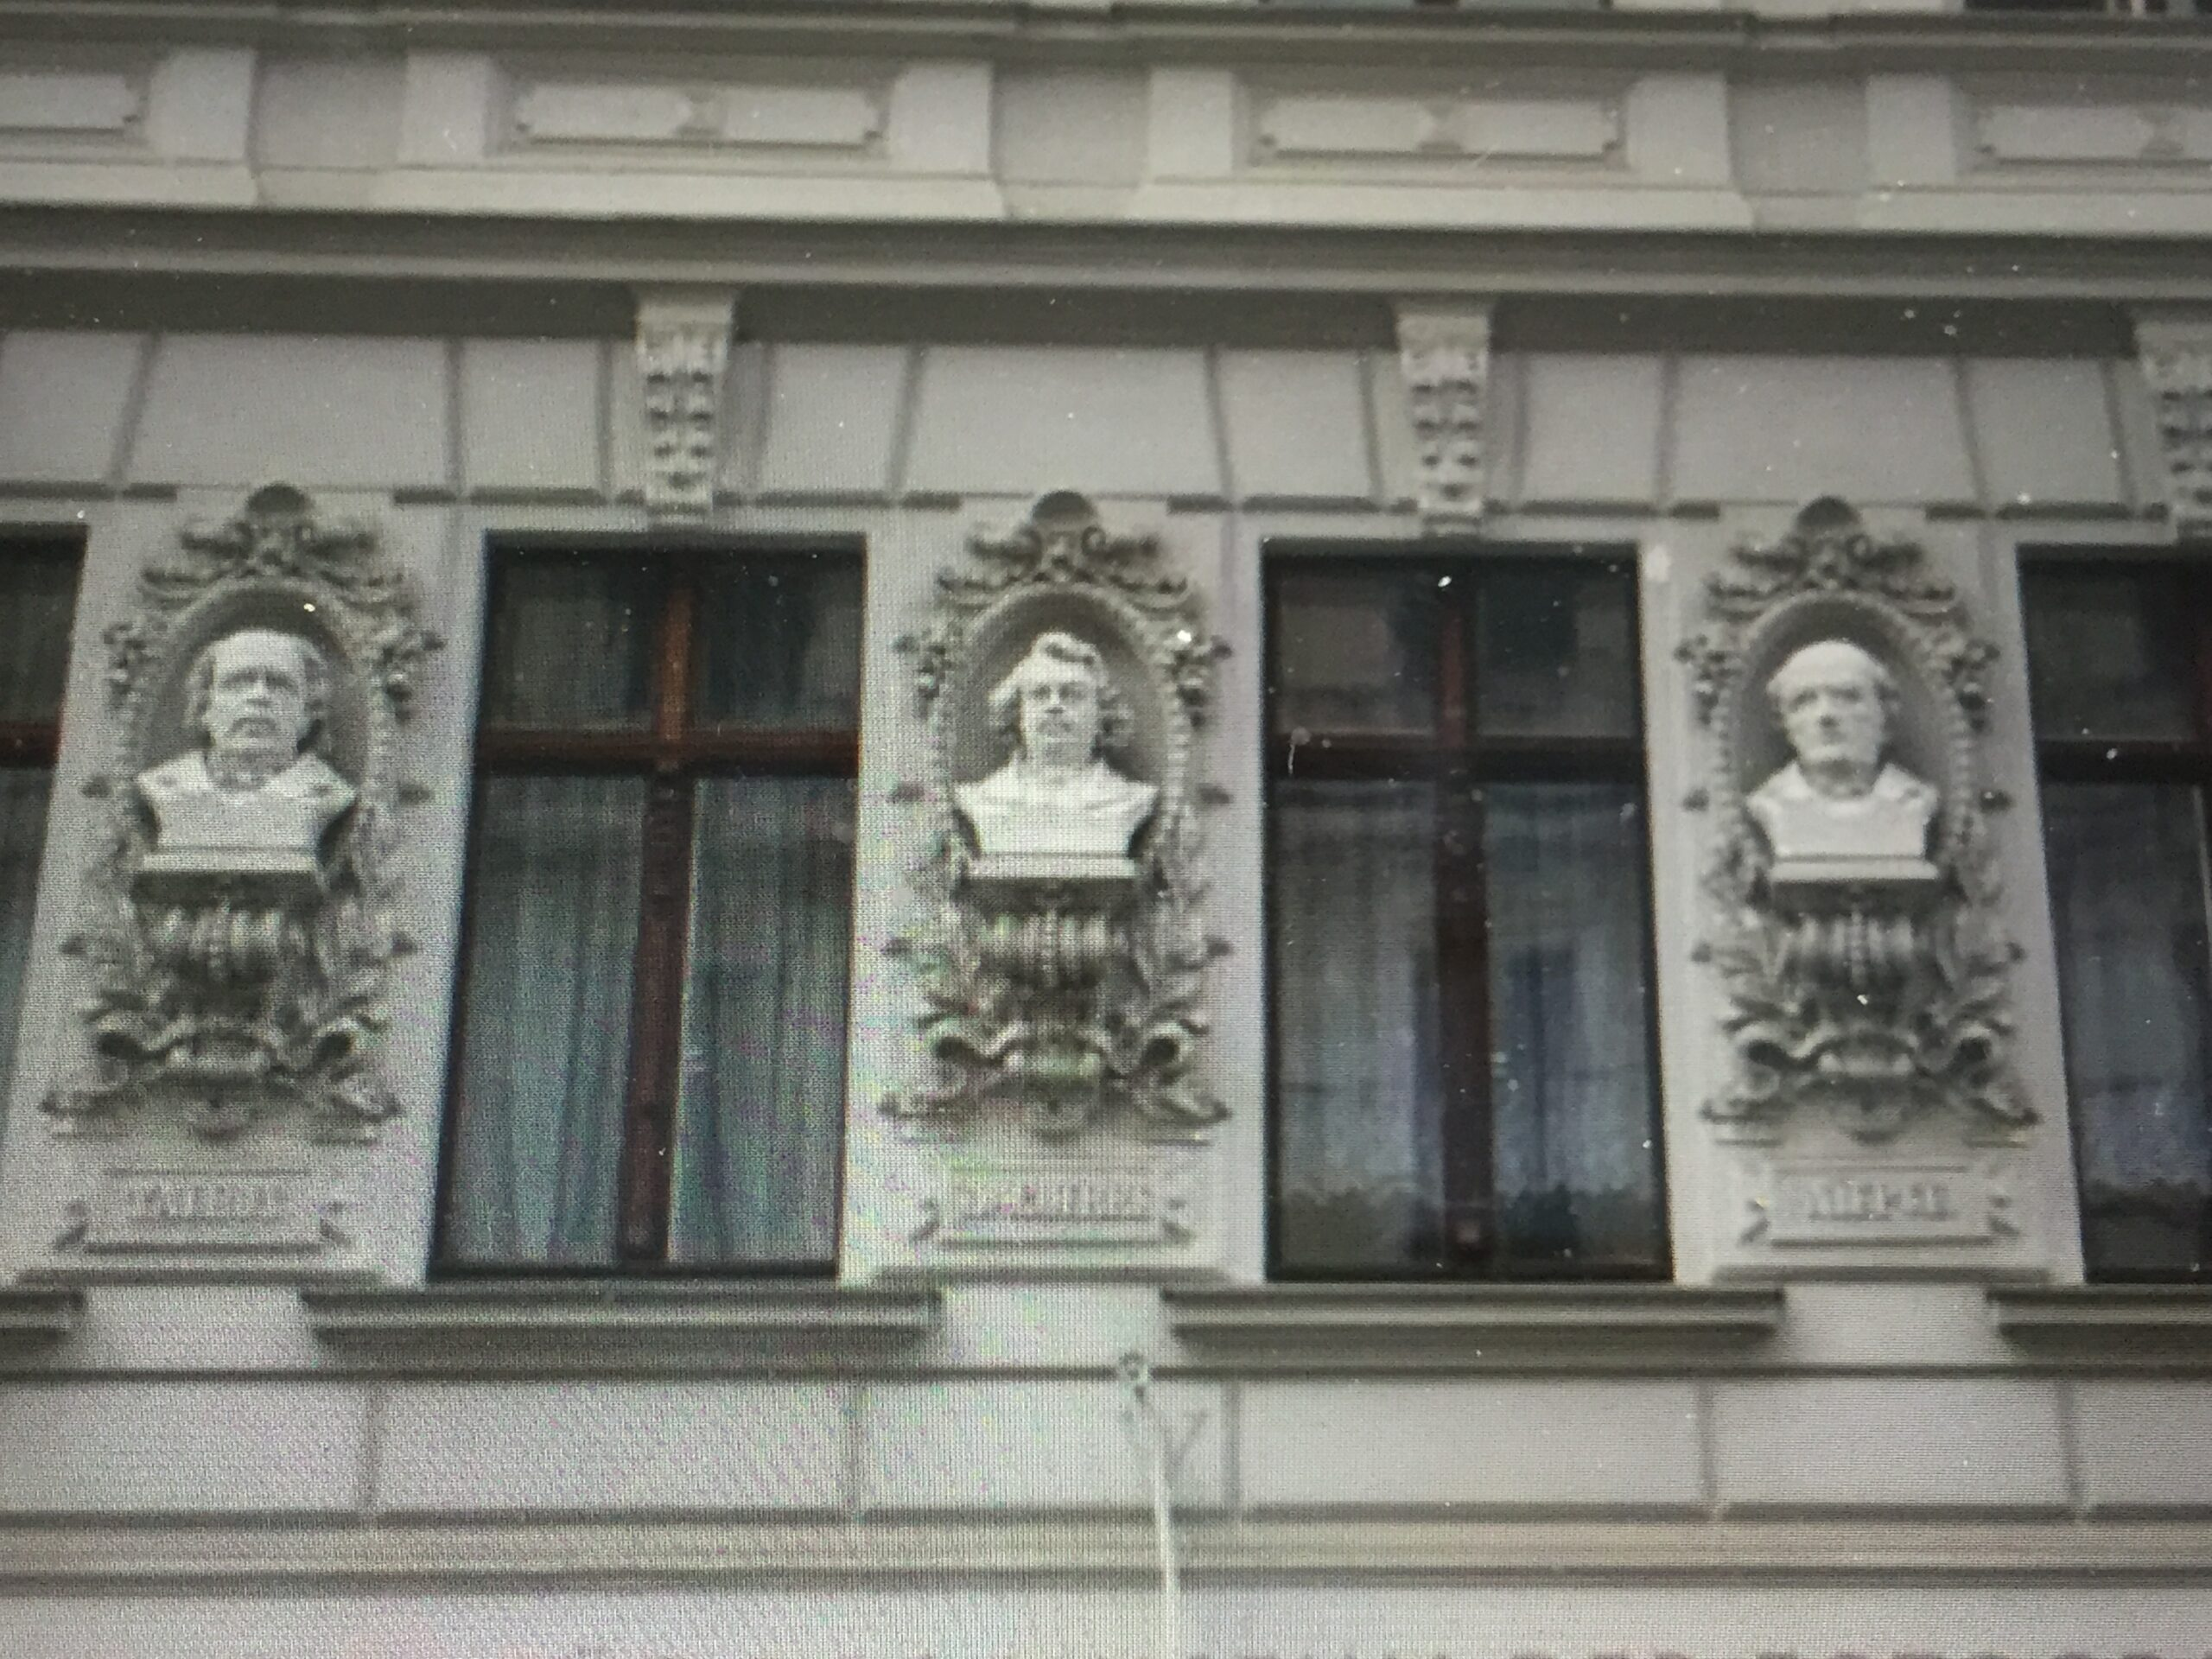 Drei Gipsbüsten an einer Hausfassade, es sind die drei grossen Fotopioniere